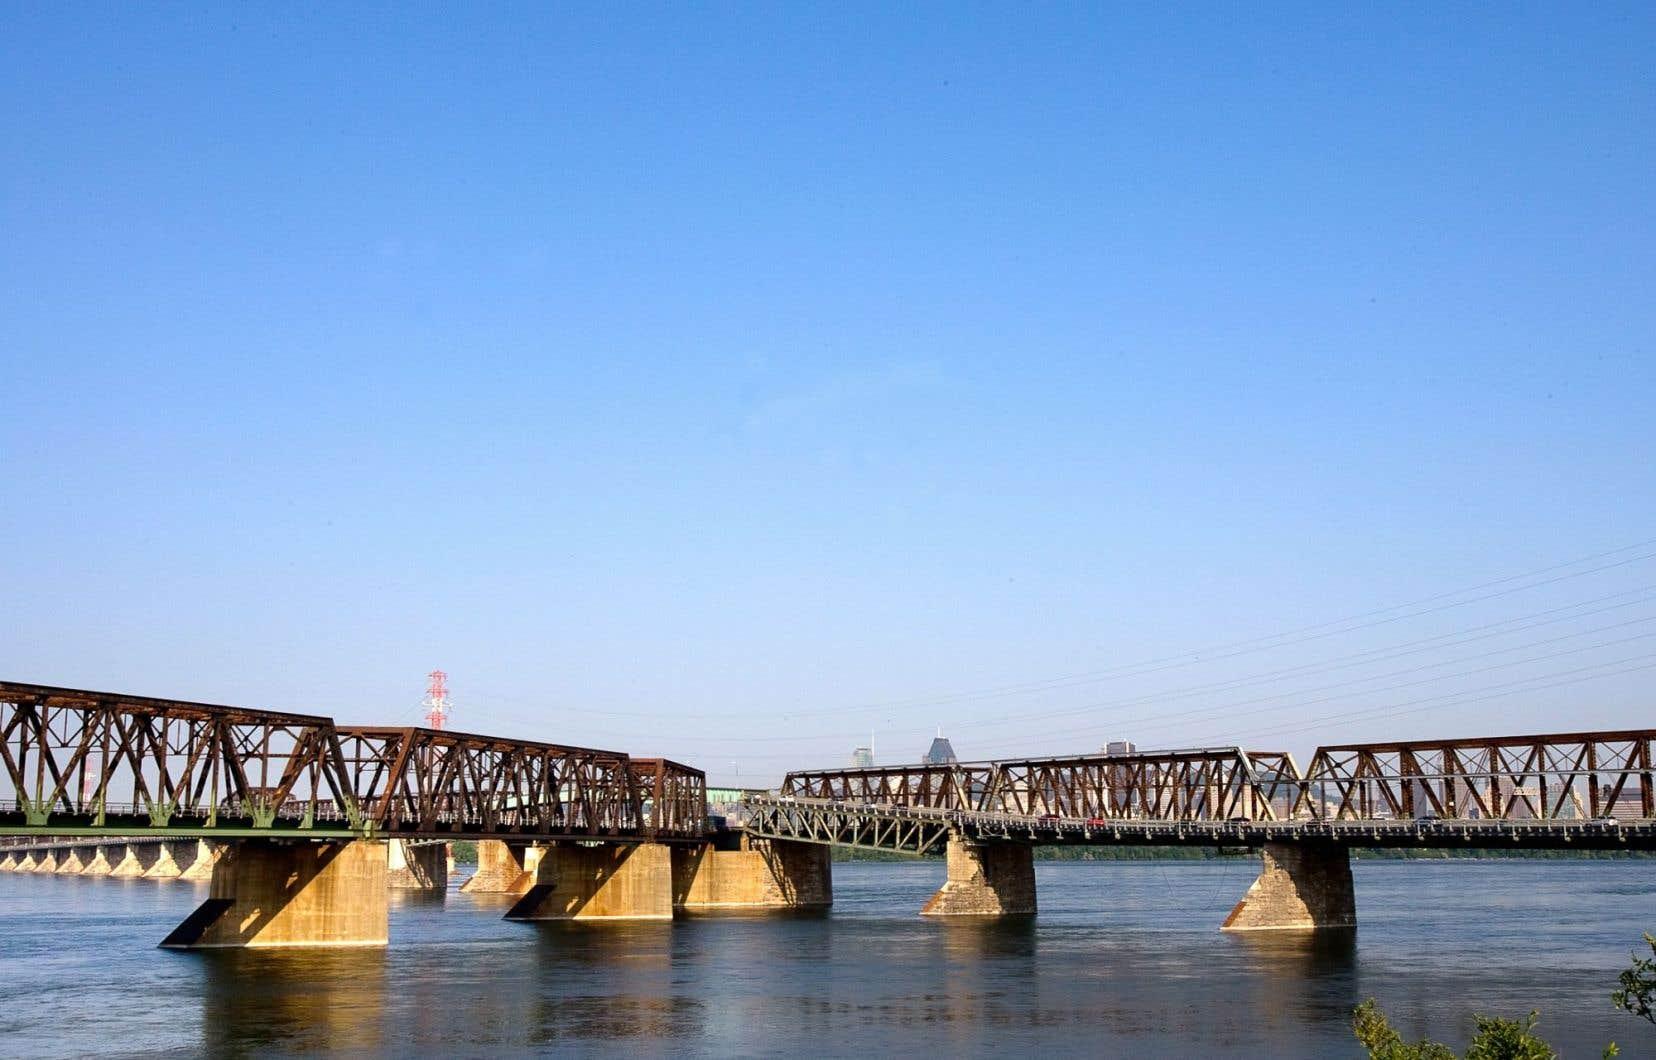 Le pont Victoria a été inauguré le 26 août 1860 par le prince de Galles.